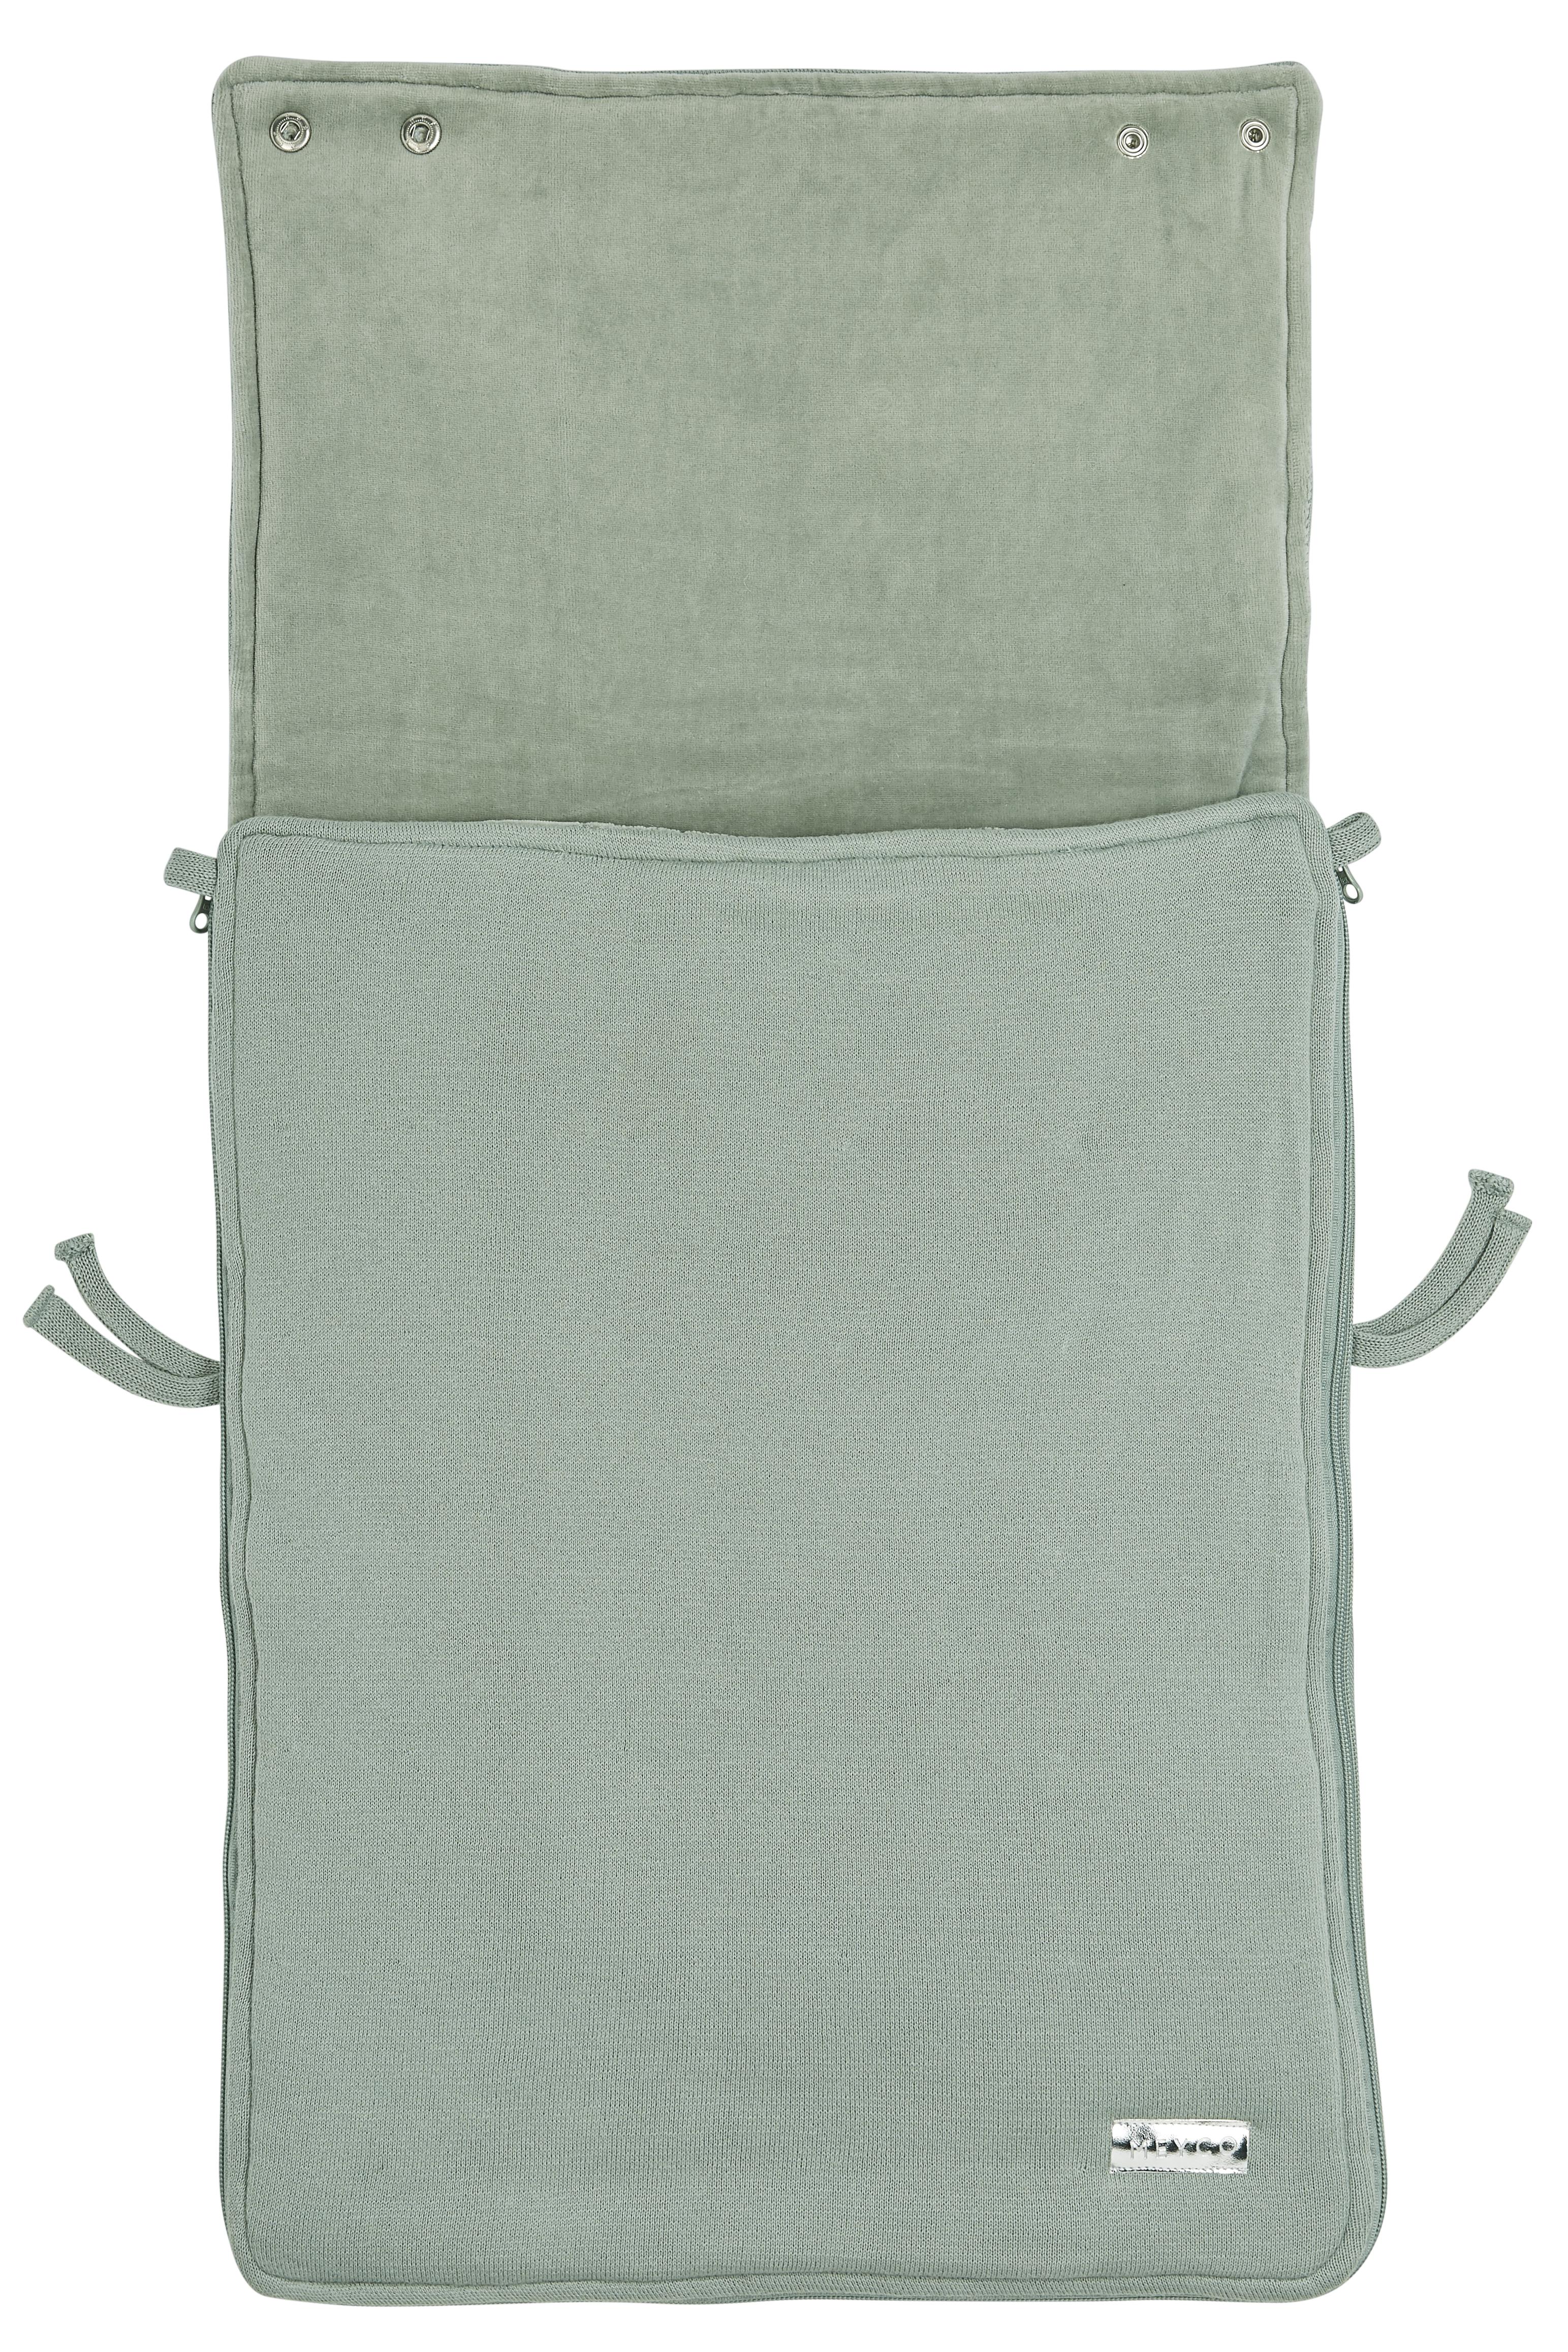 Voetenzak Knit Basic - Stone Green - 40x82cm